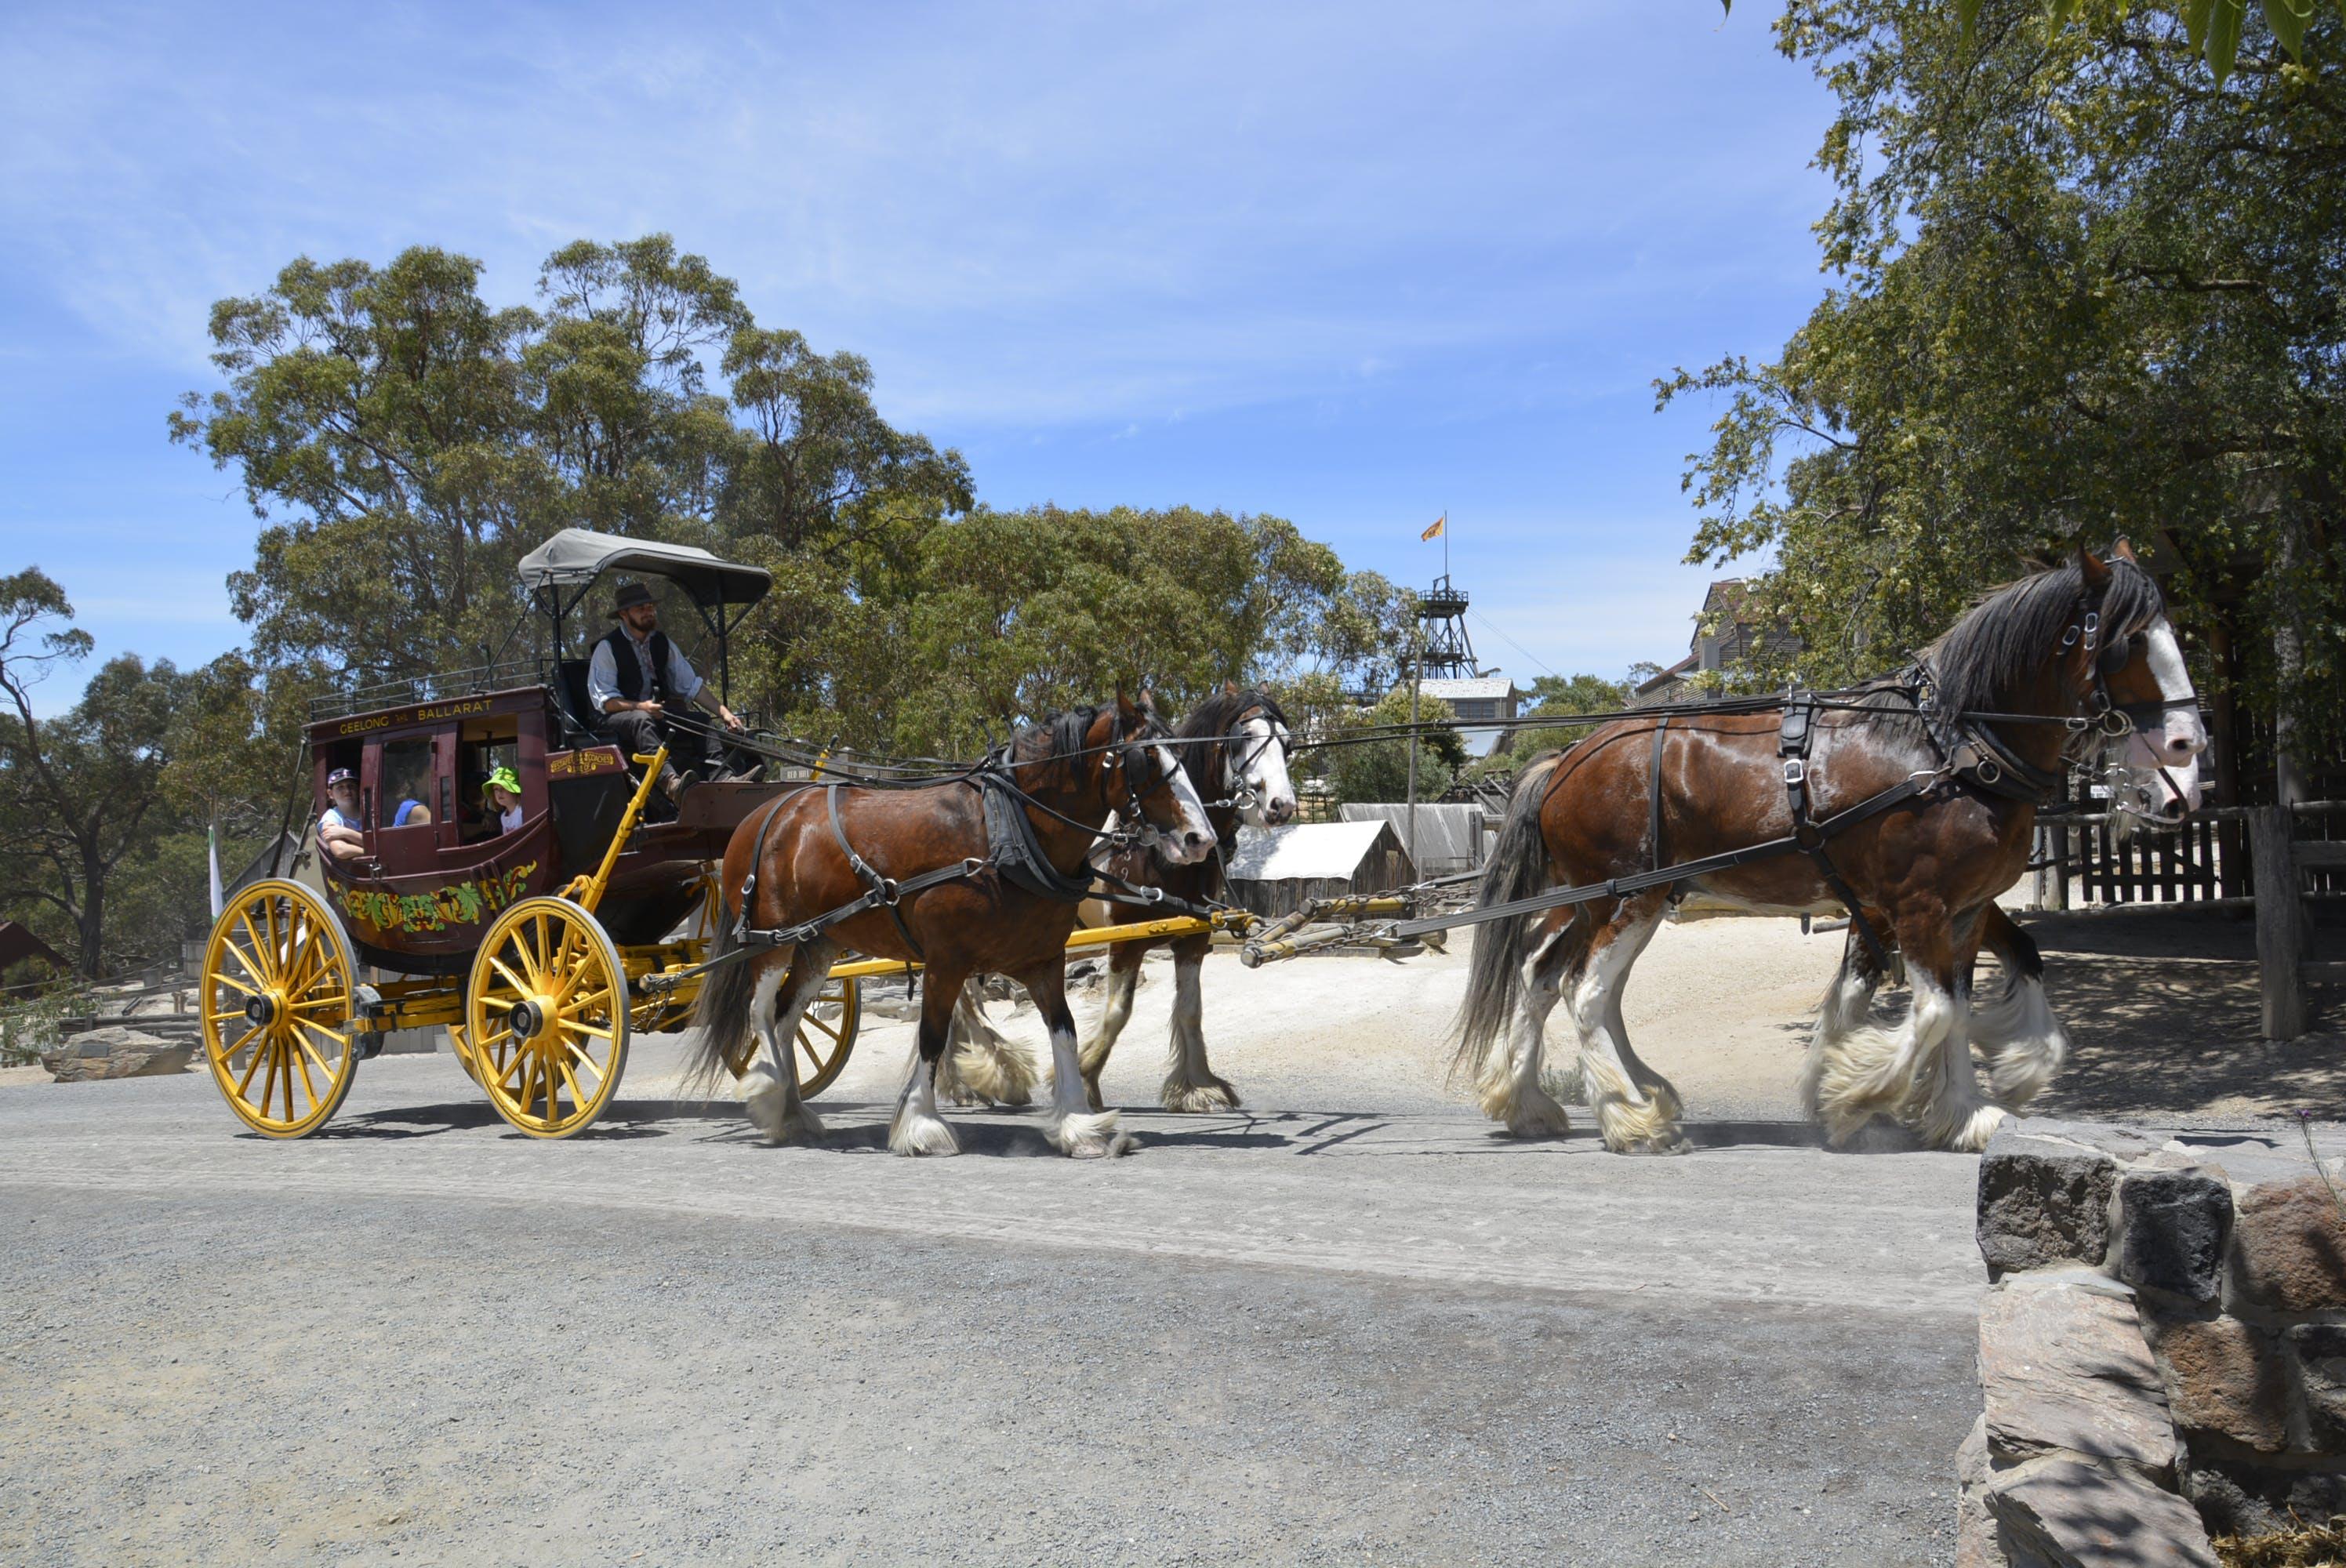 Free stock photo of #goldmining, #goldrush, #horses, #stagecoach